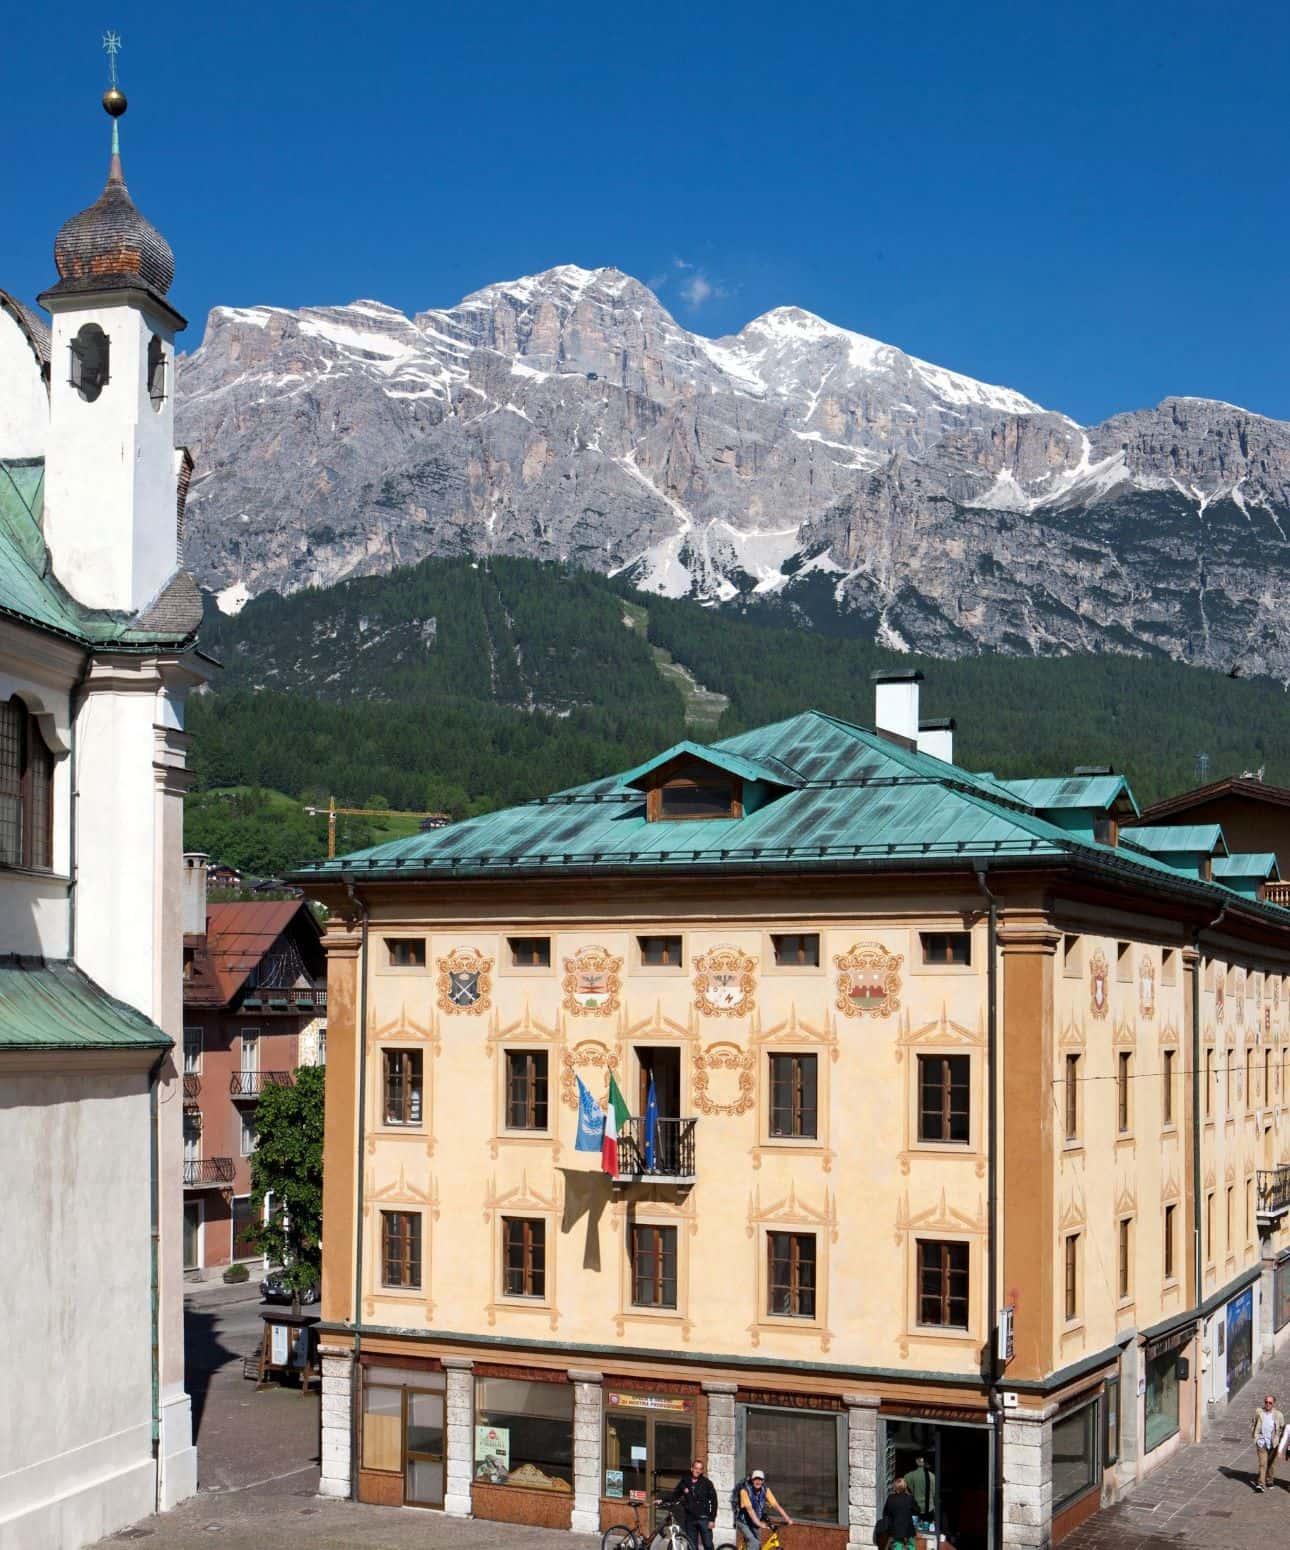 Fondazione Dolomiti Unesco sede